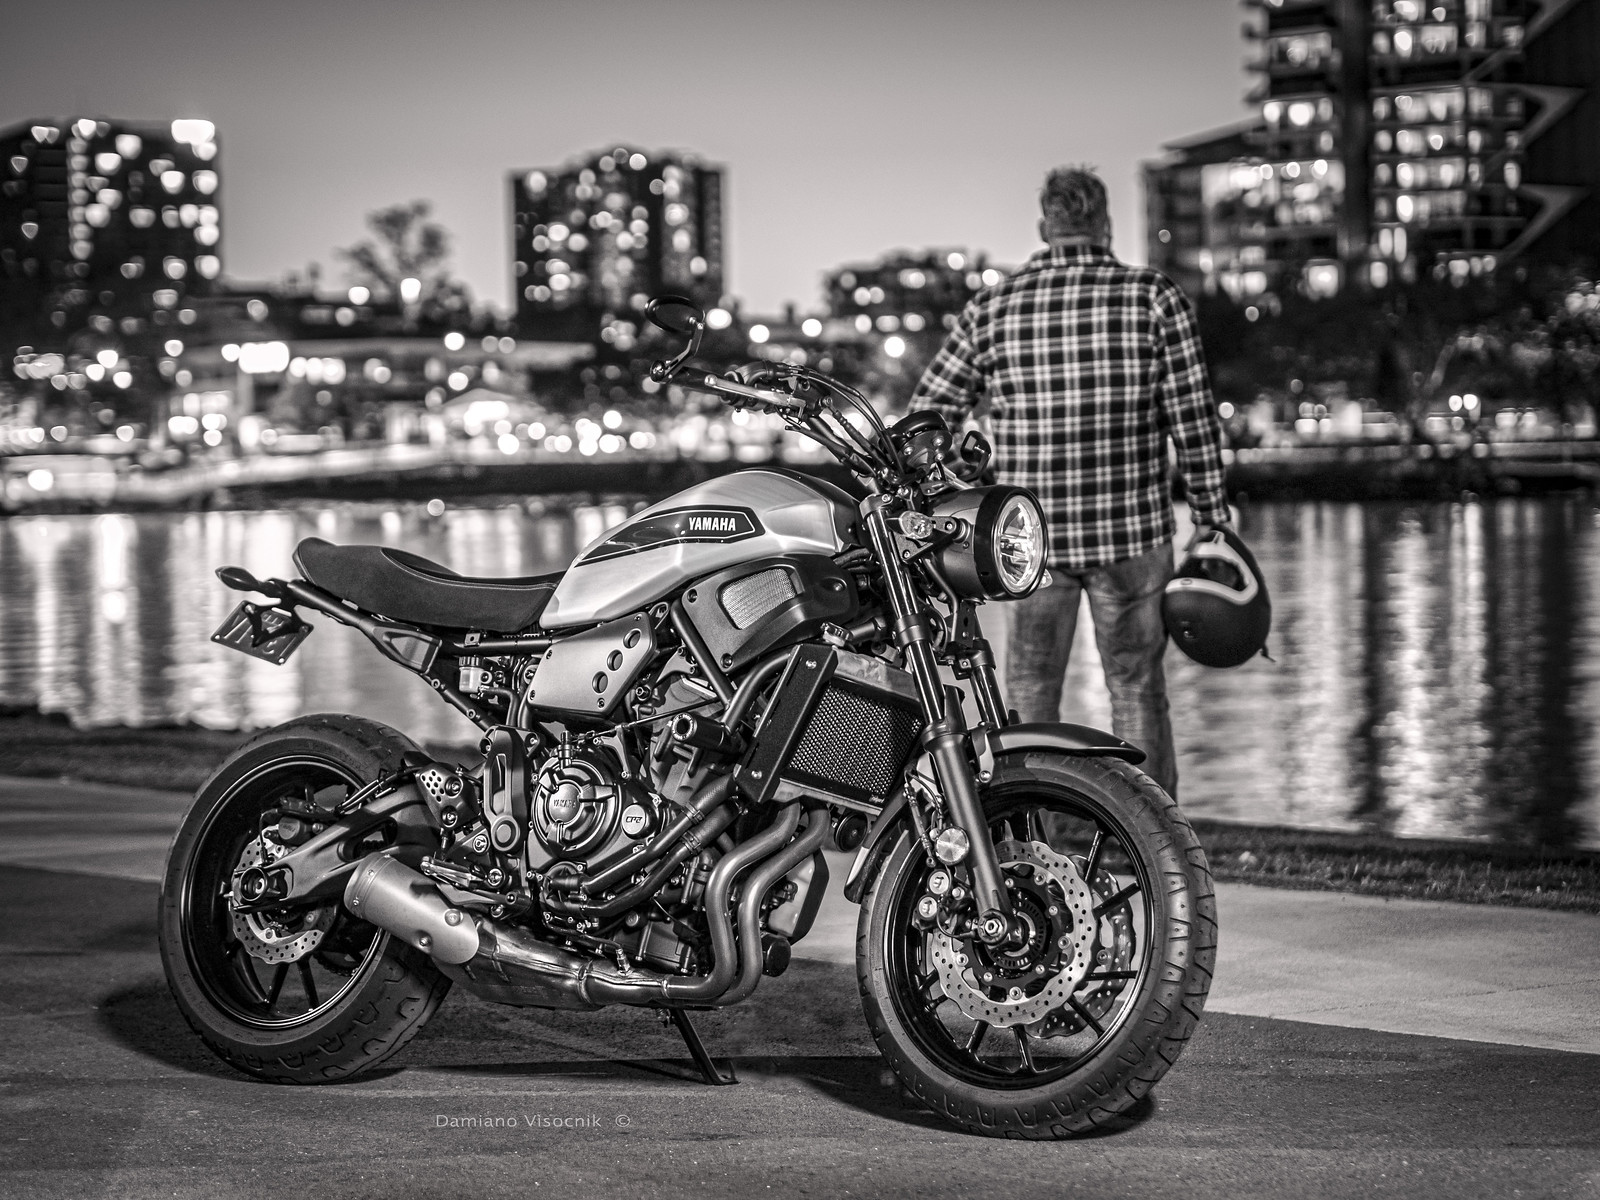 bike and rider_bw